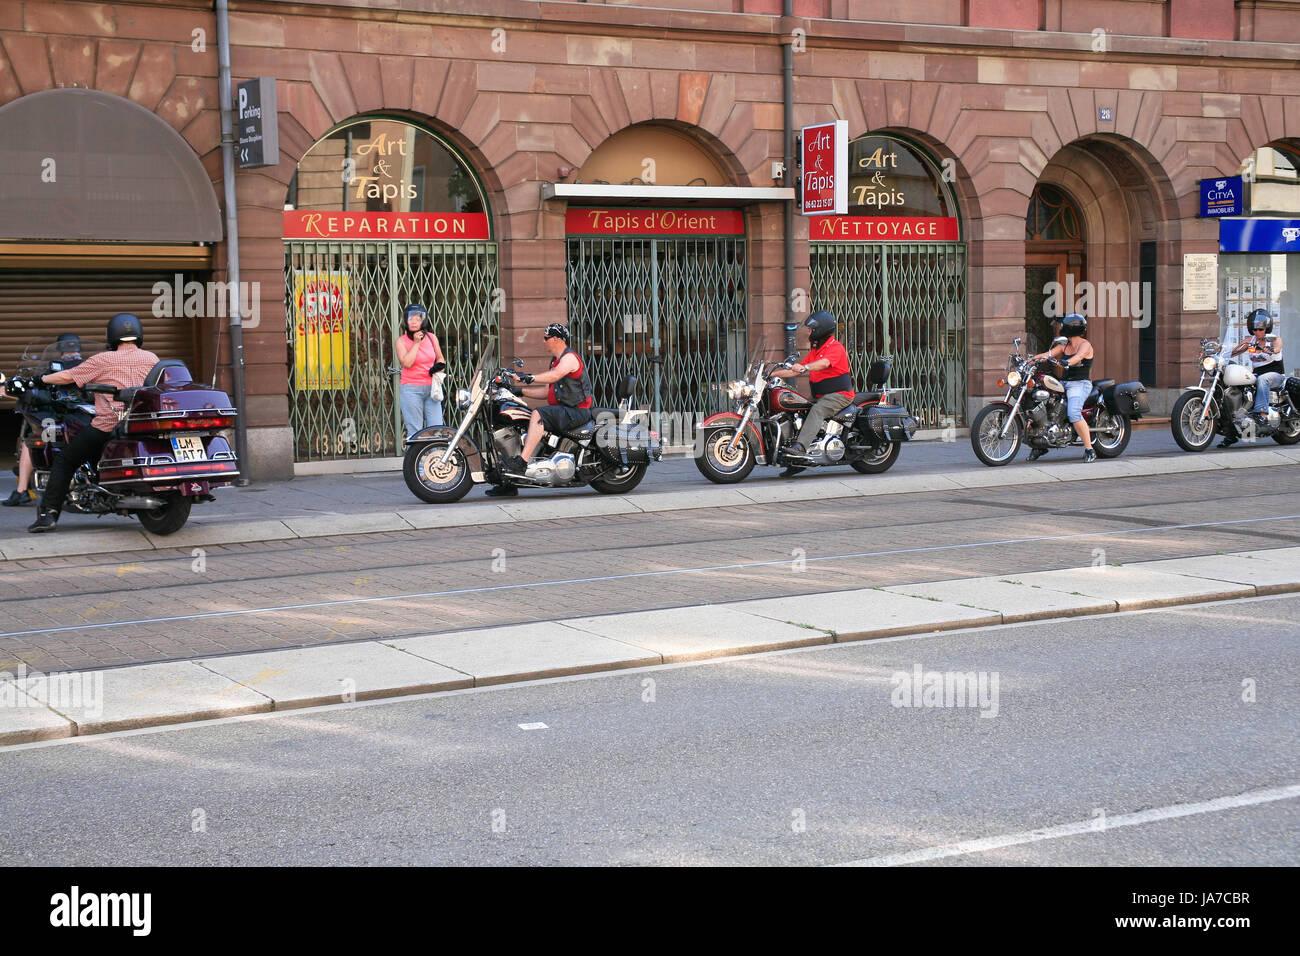 STRASBOURG,FRANCE - JULY 10: Aged bikers enter in garage in Strasbourg, France on July 10, 2010. According with - Stock Image